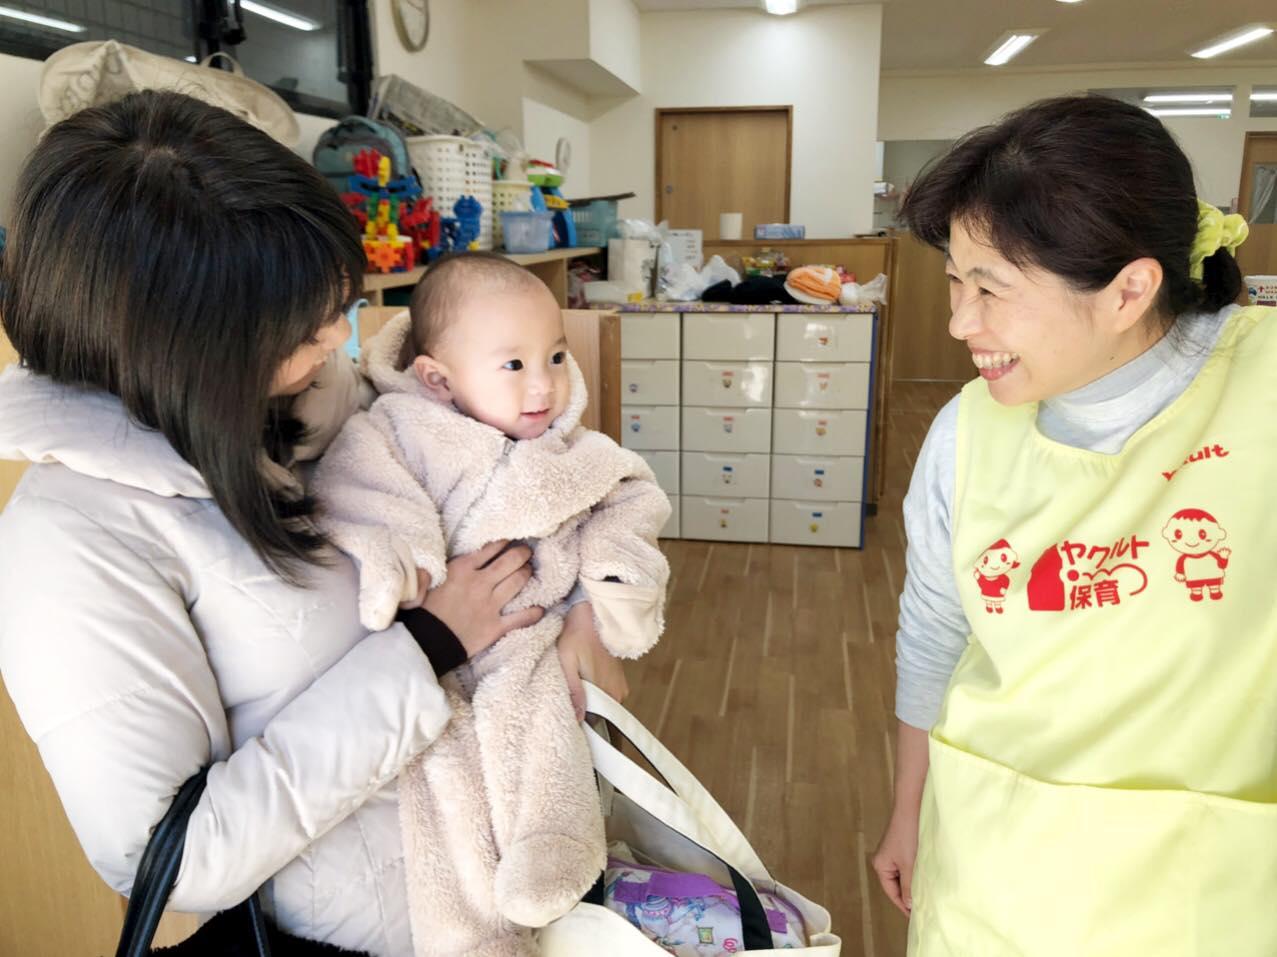 ヤクルト保育園 保育者さんと青木水理さんと赤ちゃん